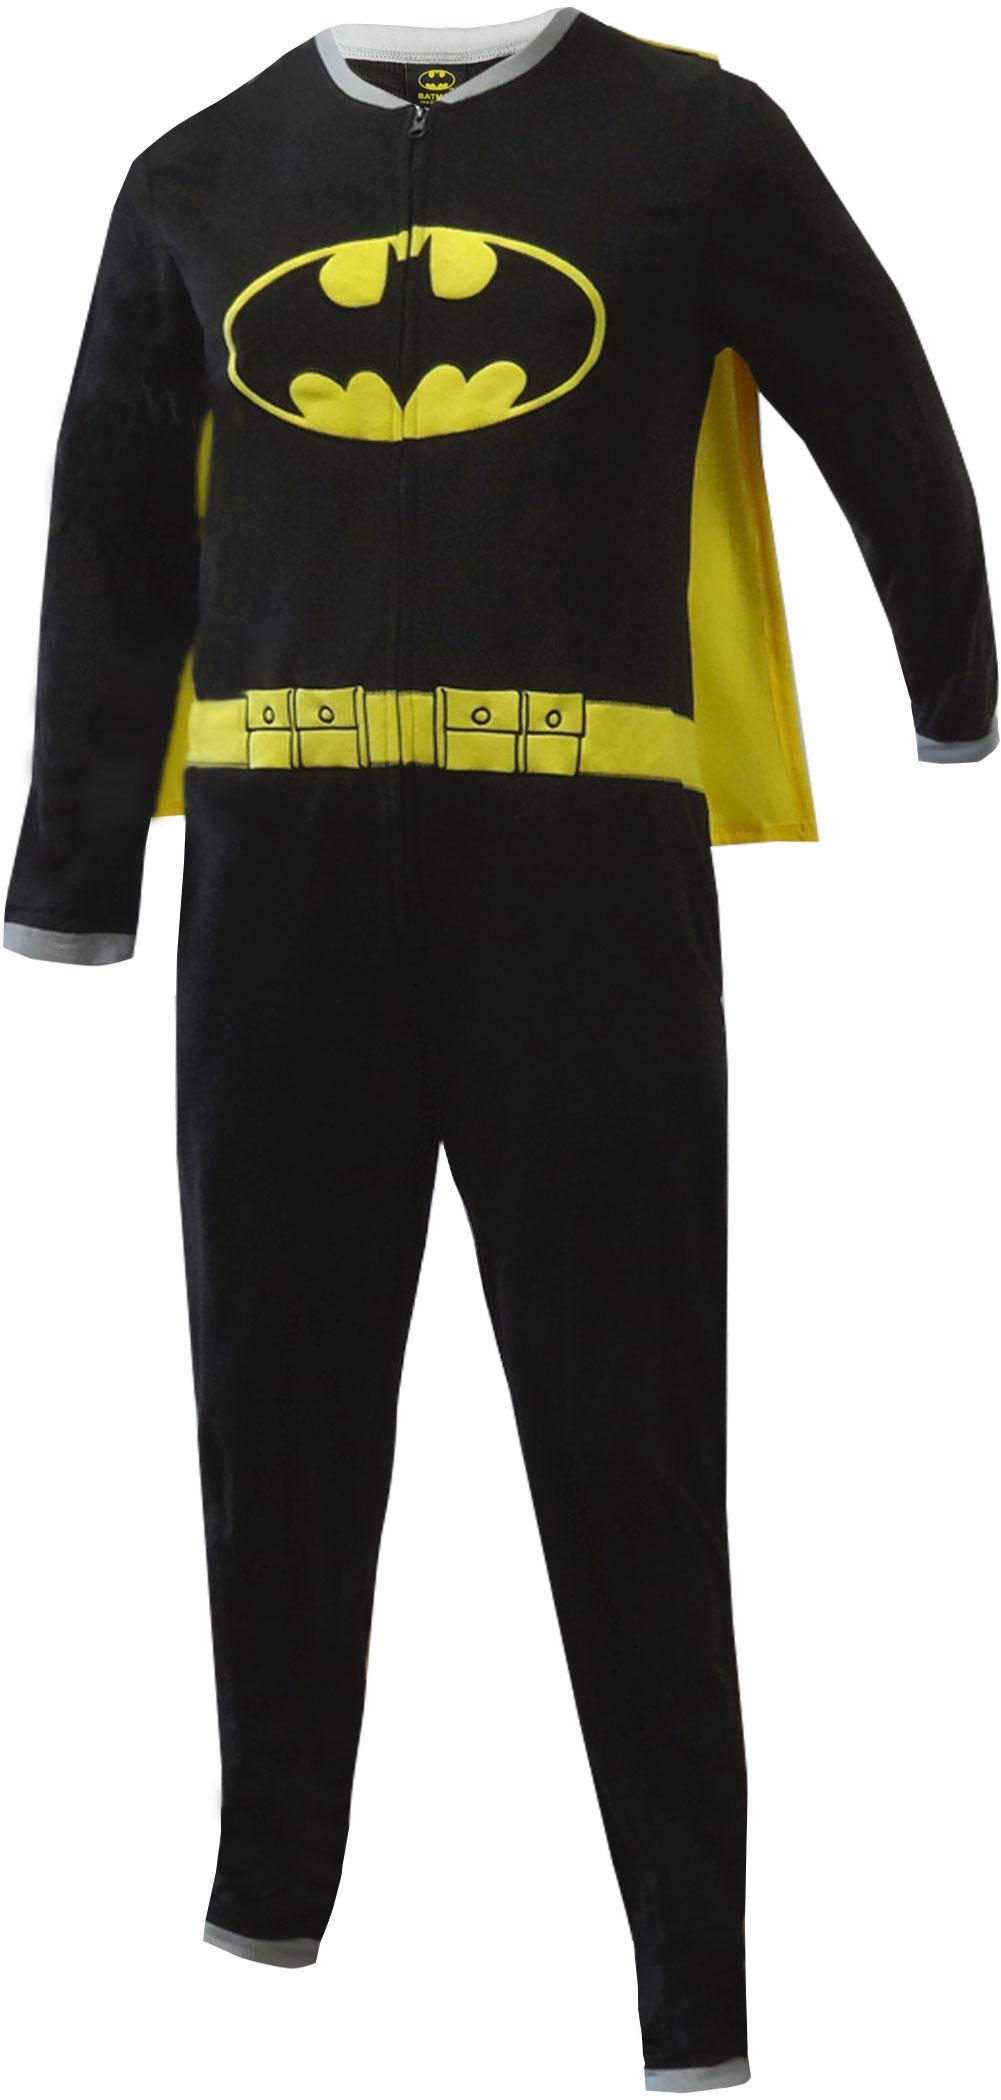 Batman Footie Pjs | Batman Onesie | Batman Onesies for Men